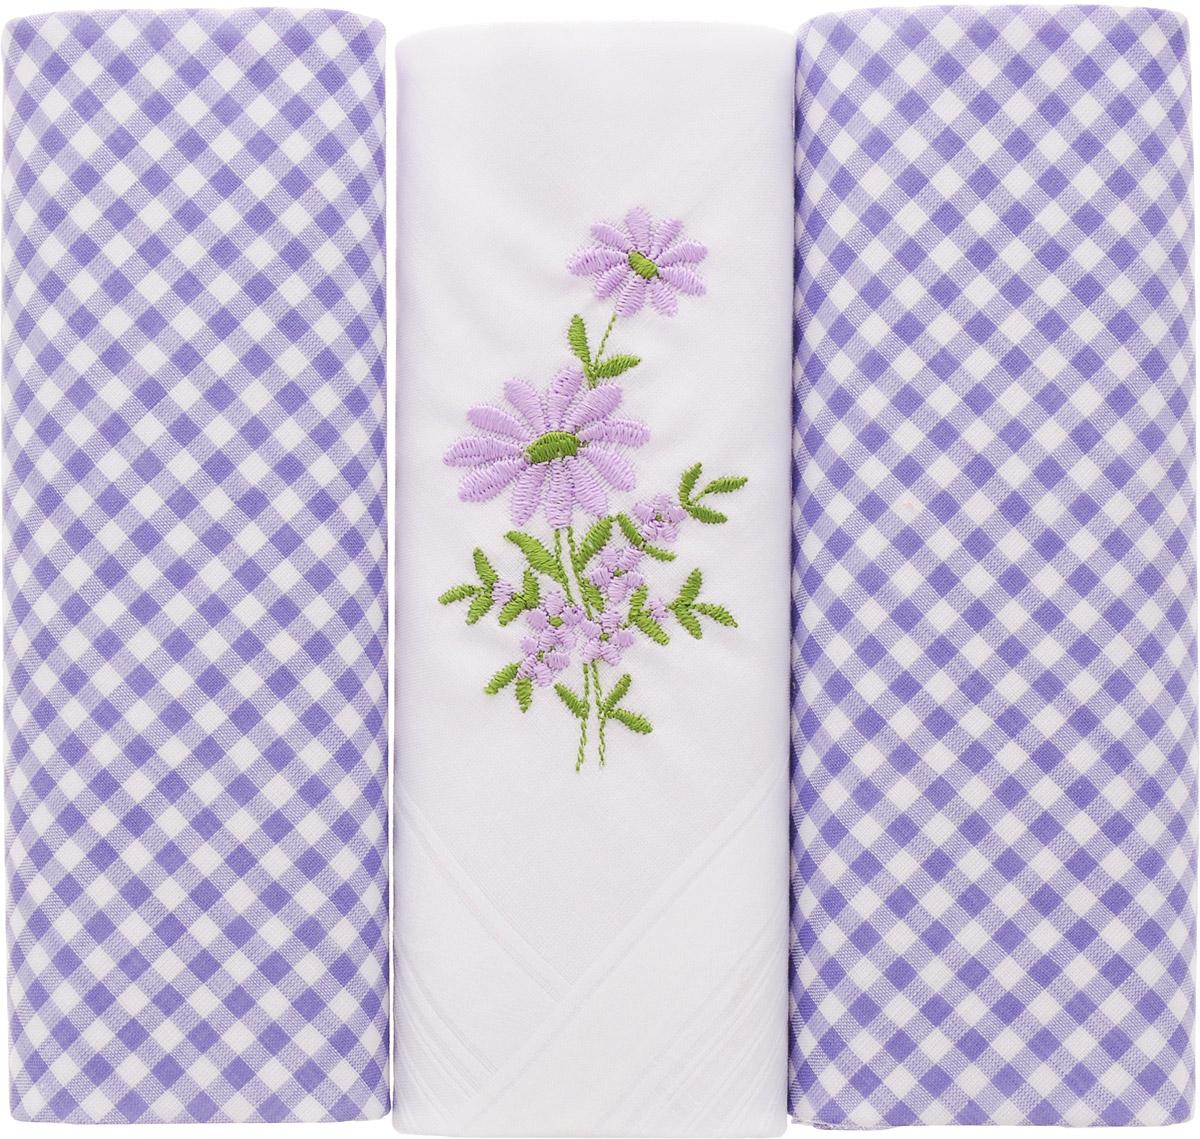 Платок носовой женский Zlata Korunka, цвет: белый, голубой, 3 шт. 90330-4. Размер 29 см х 29 смСерьги с подвескамиНебольшой женский носовой платок Zlata Korunka изготовлен из высококачественного натурального хлопка, благодаря чему приятен в использовании, хорошо стирается, не садится и отлично впитывает влагу. Практичный и изящный носовой платок будет незаменим в повседневной жизни любого современного человека. Такой платок послужит стильным аксессуаром и подчеркнет ваше превосходное чувство вкуса.В комплекте 3 платка.